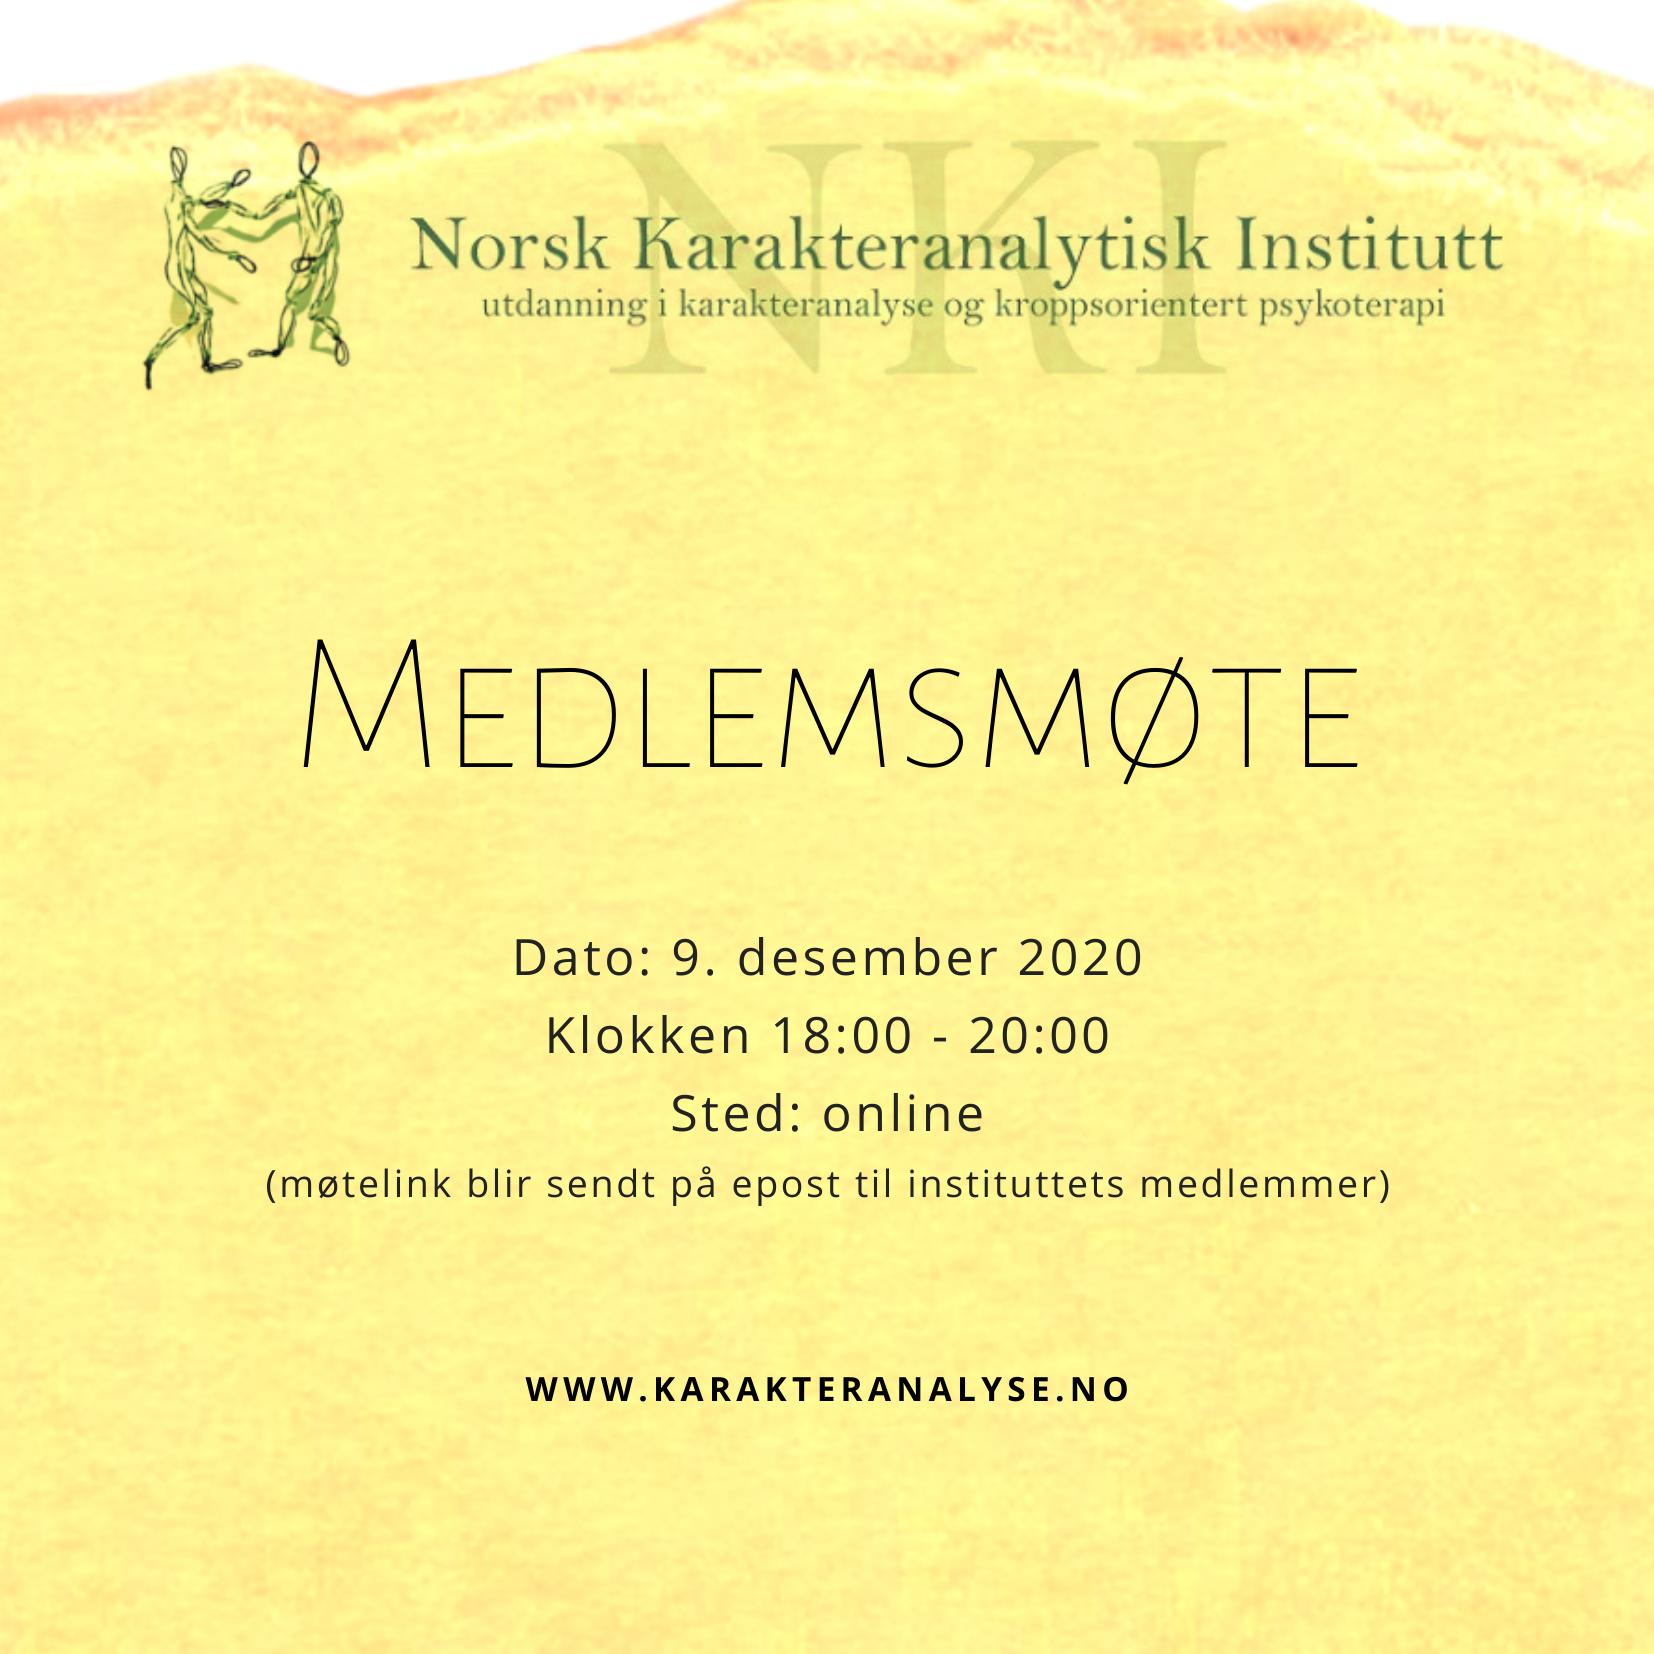 Medlemsmøte NKI 9.12.2020 kl 18:00